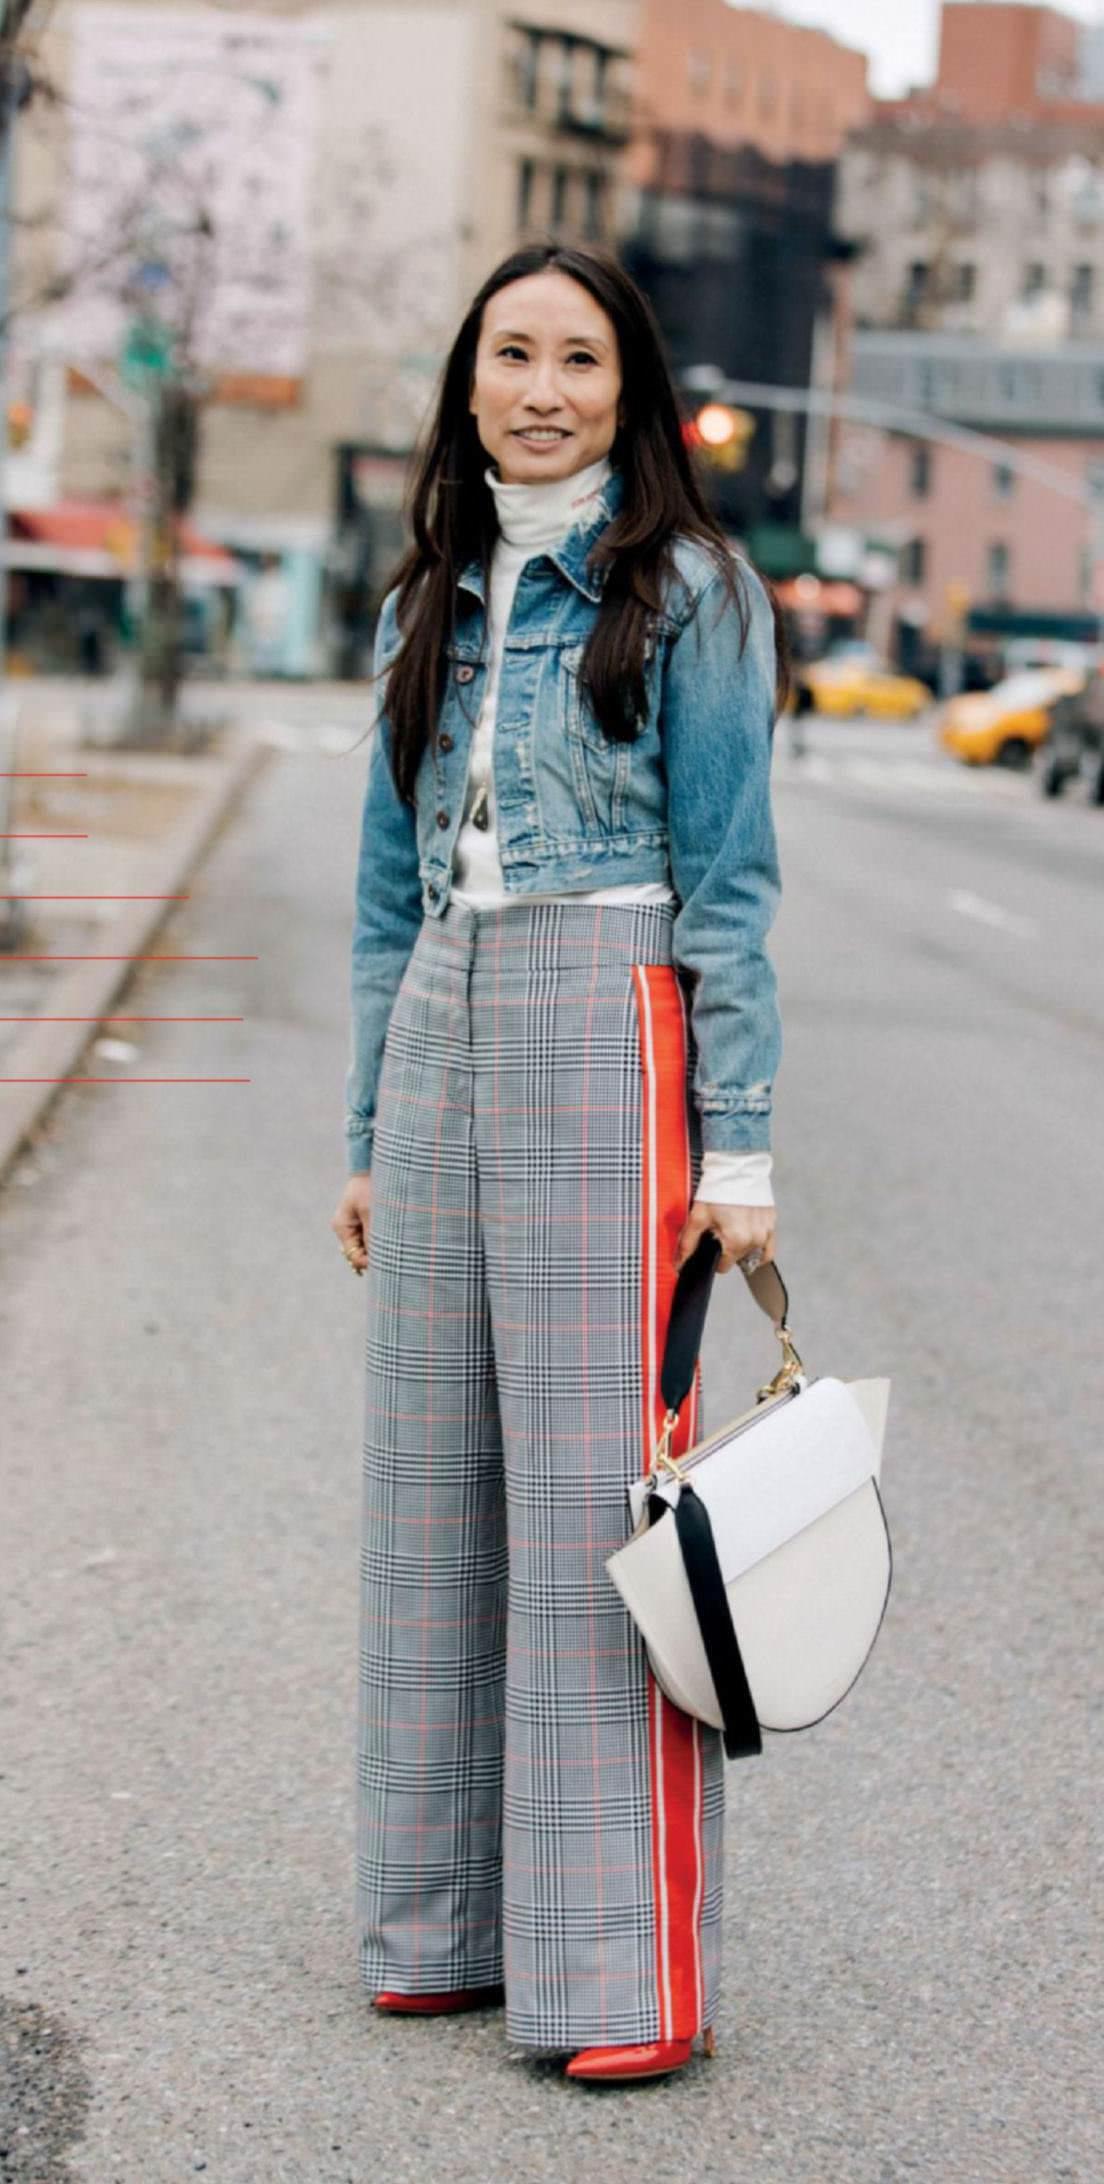 The Retail Queen: Elizabeth Von DerGoltz